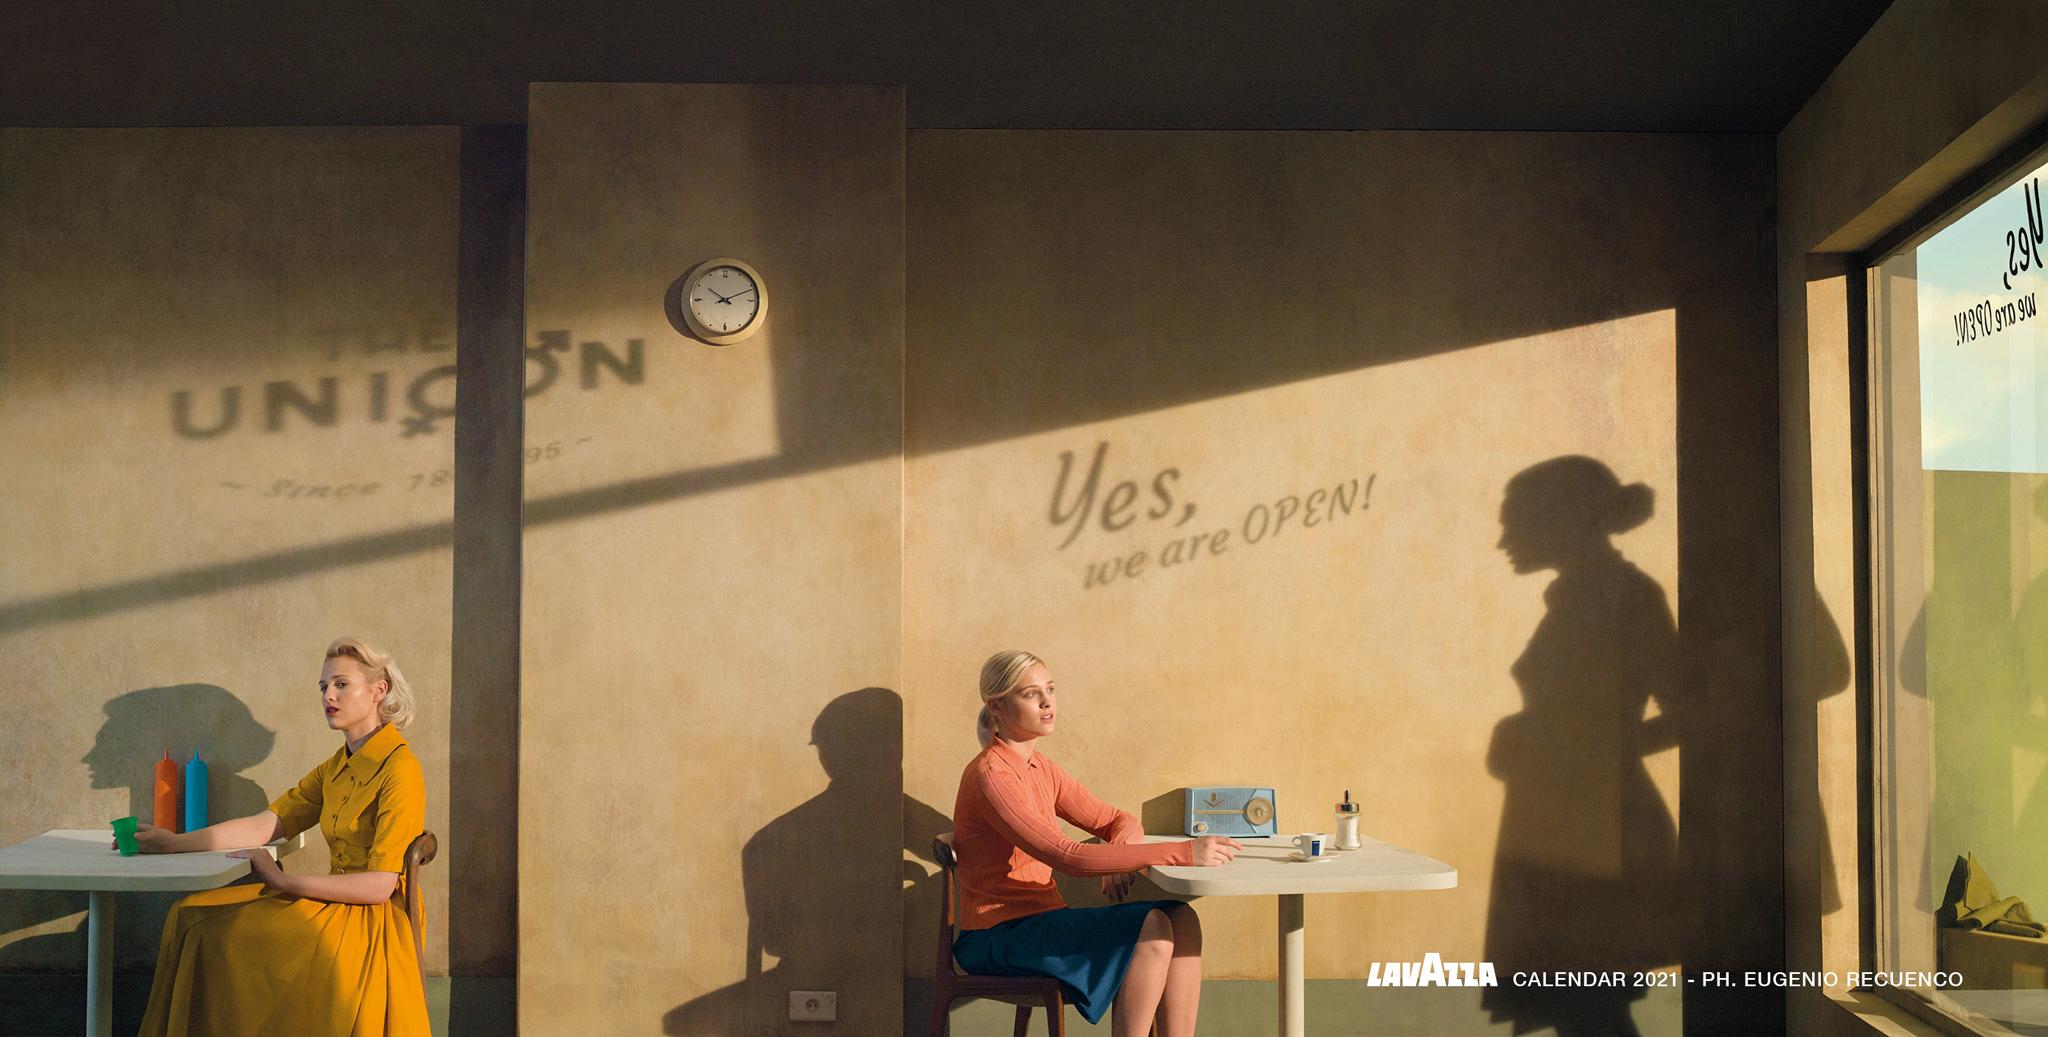 Lavazza 2021 Calendar наводит мосты между людьми с помощью универсального языка искусства